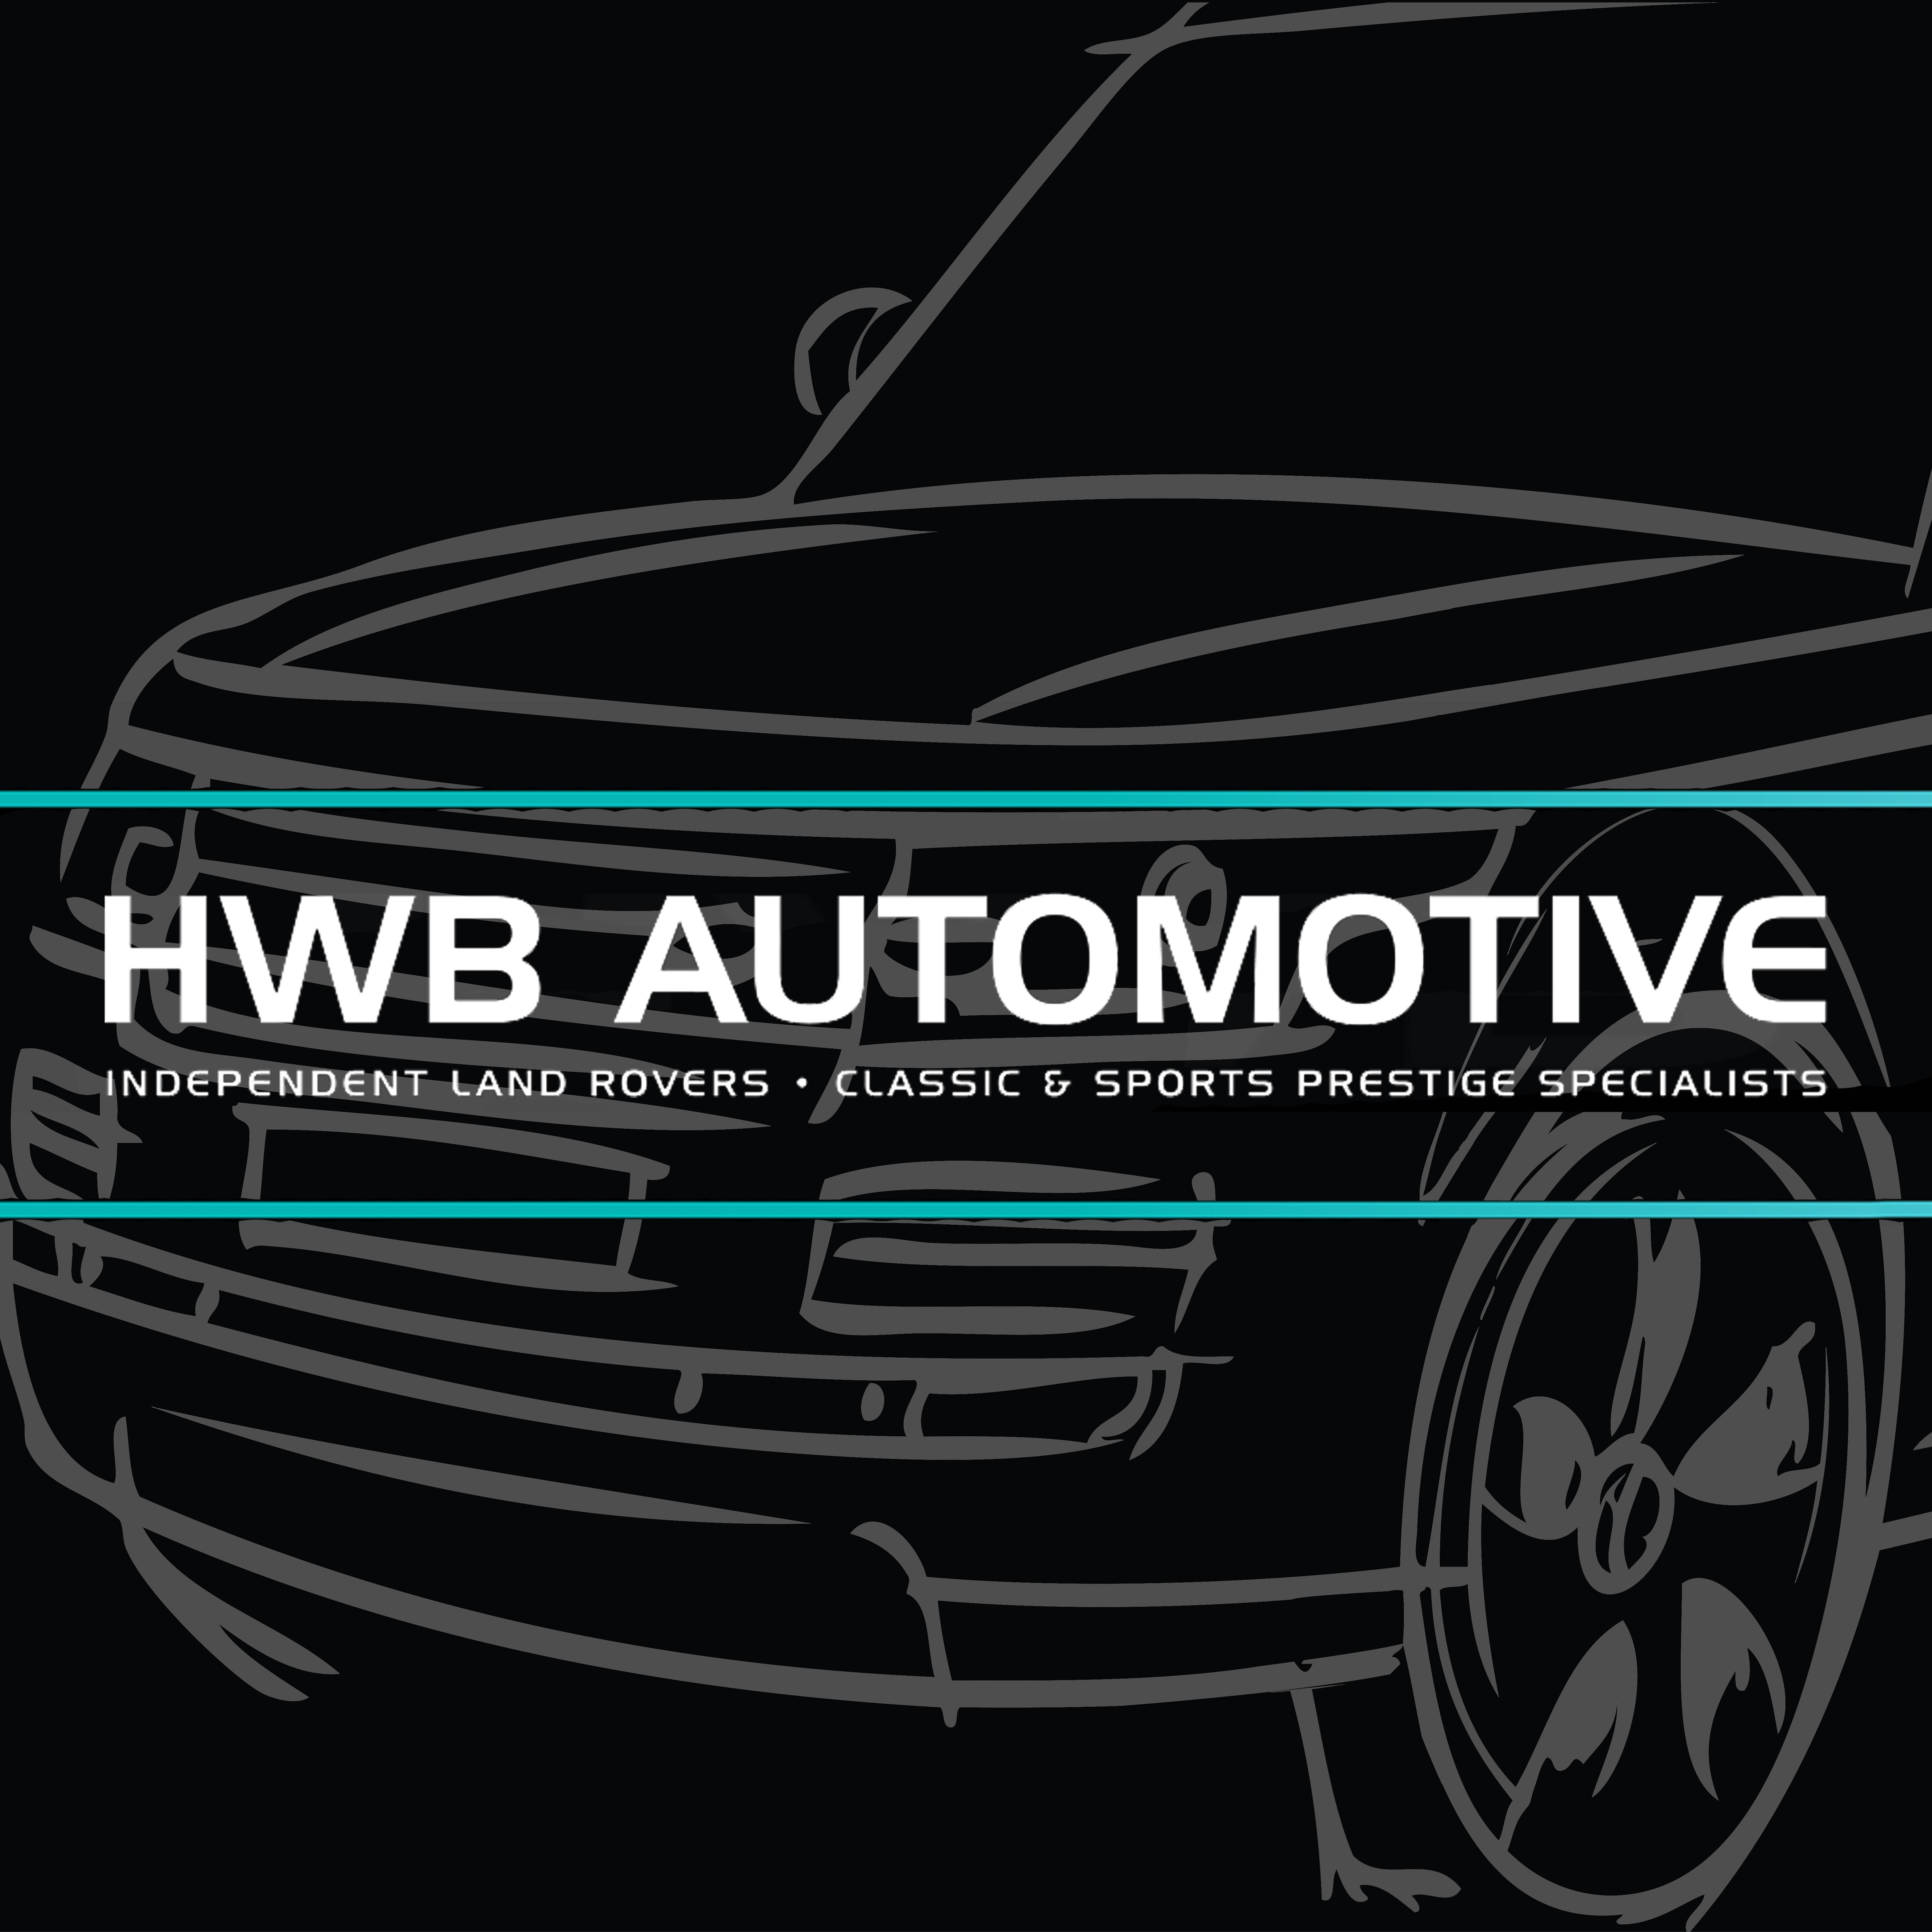 HWB Automotive Ltd logo